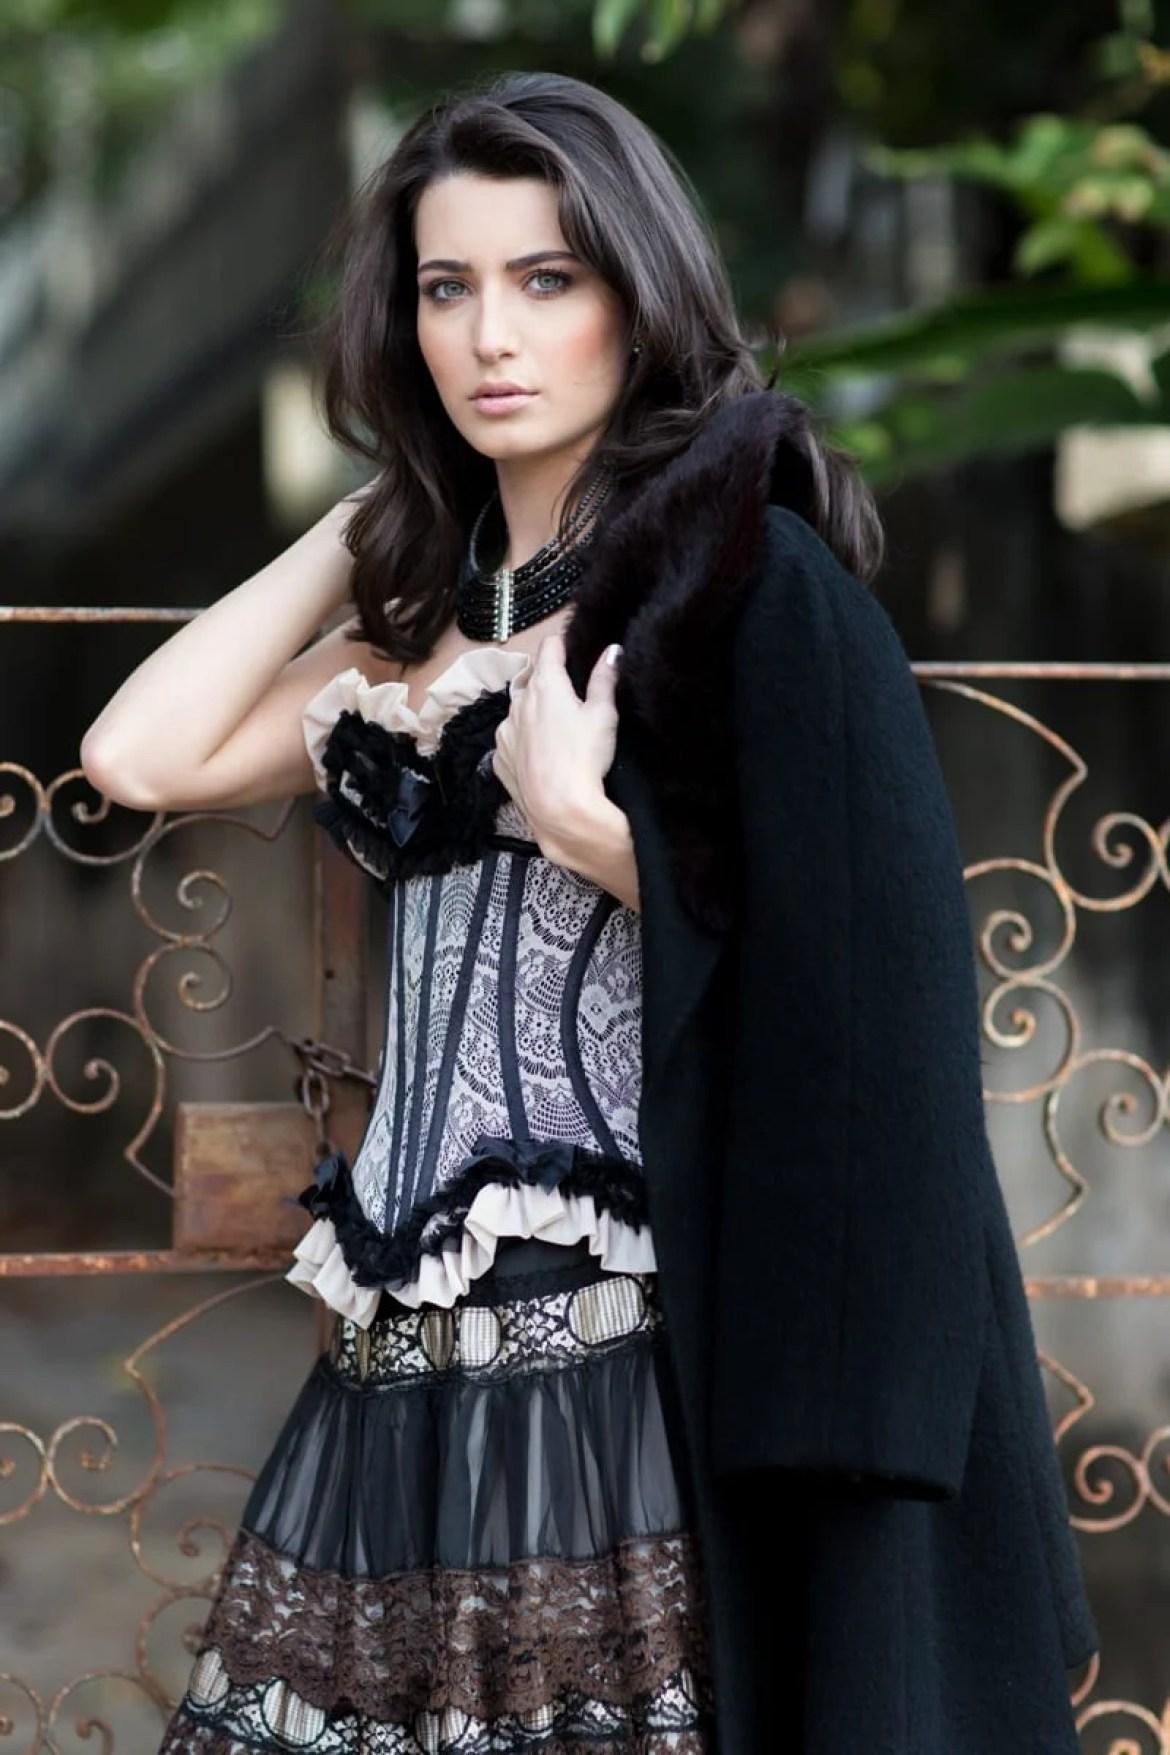 Ensaio fashion bubblesn - Modelo usando espartilho de renda e casaco